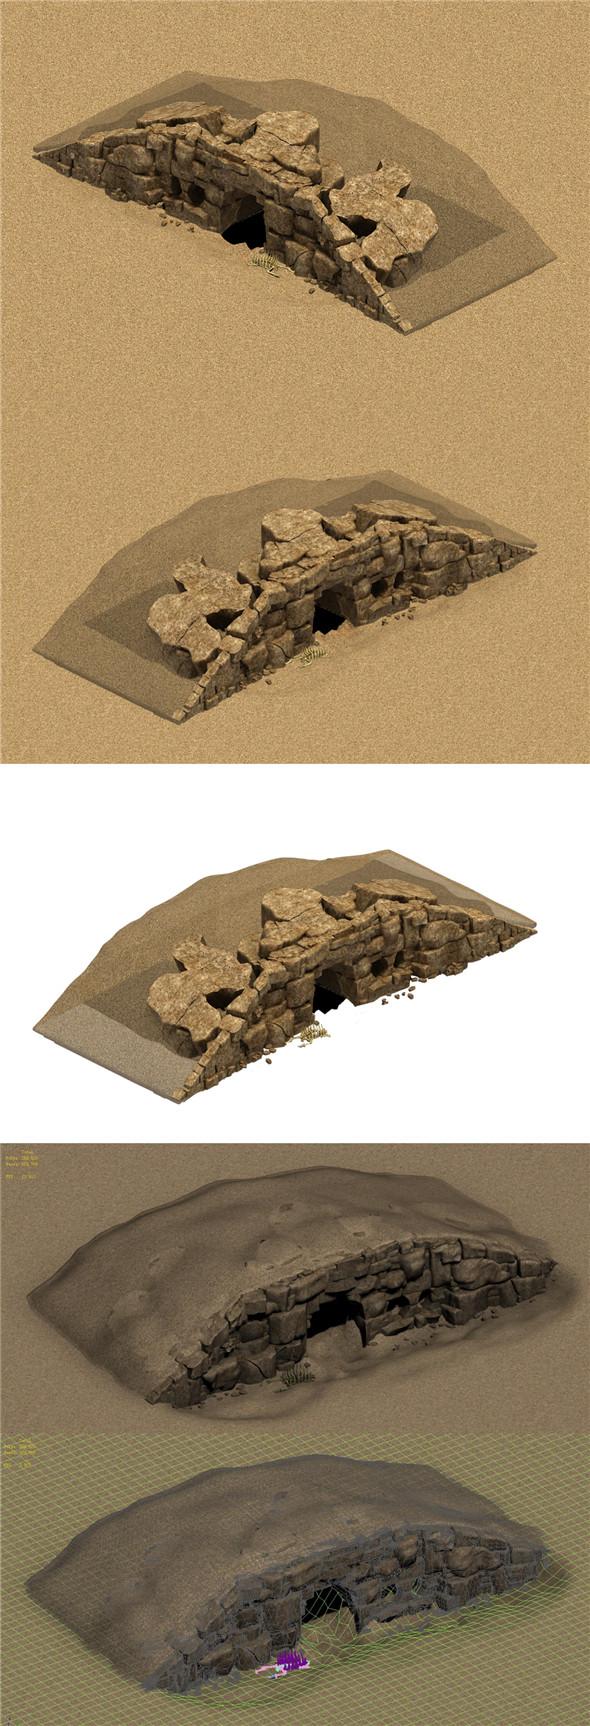 Desert - Monster Nest 3 - 3DOcean Item for Sale